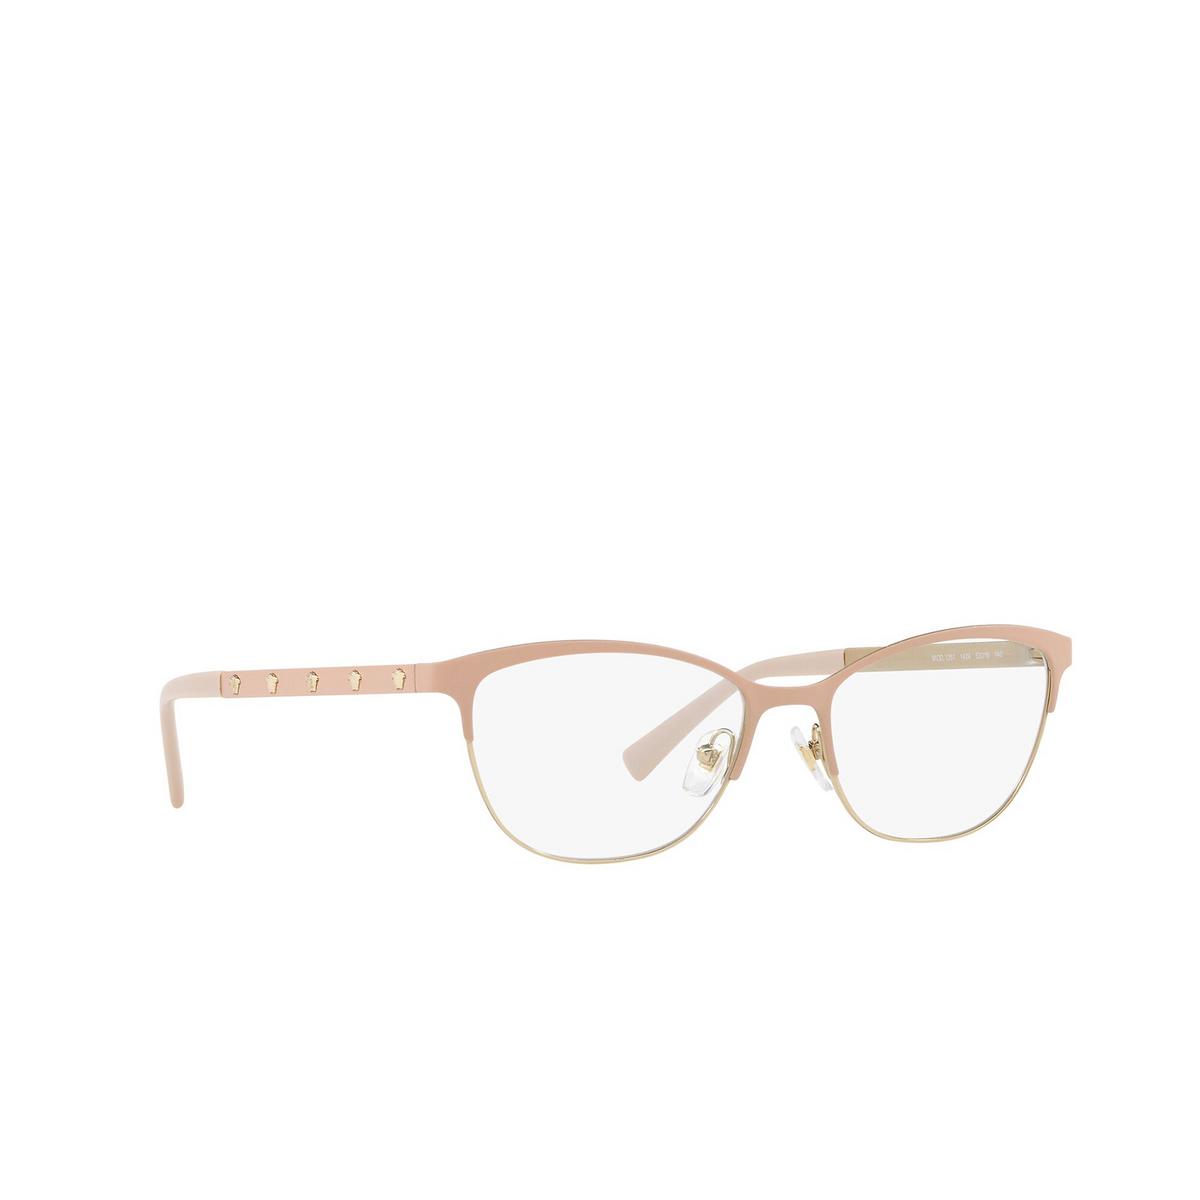 Versace® Cat-eye Eyeglasses: VE1251 color Matte Pink / Pale Gold 1424.